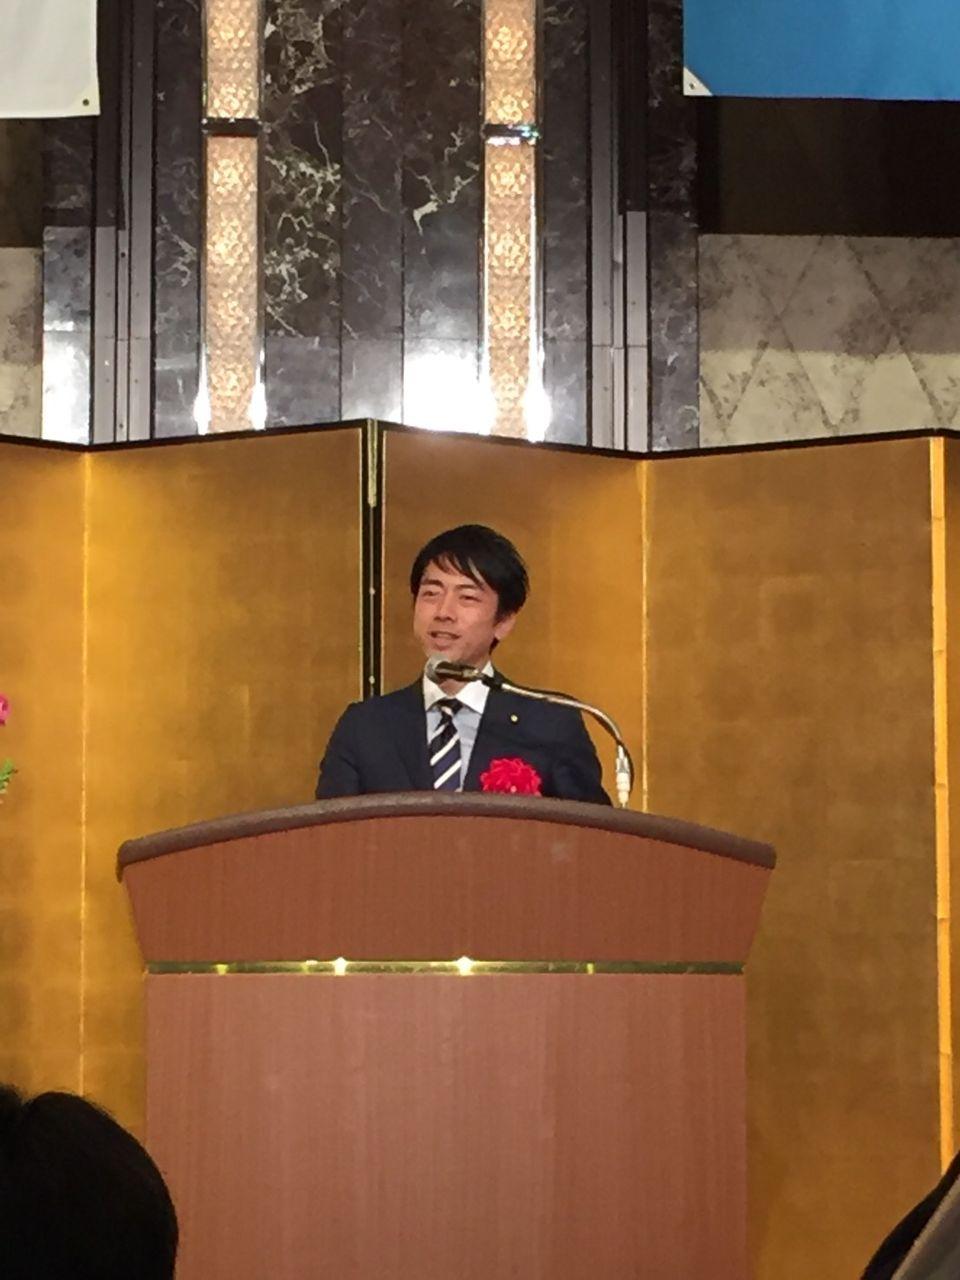 小泉進次郎先生 祝辞